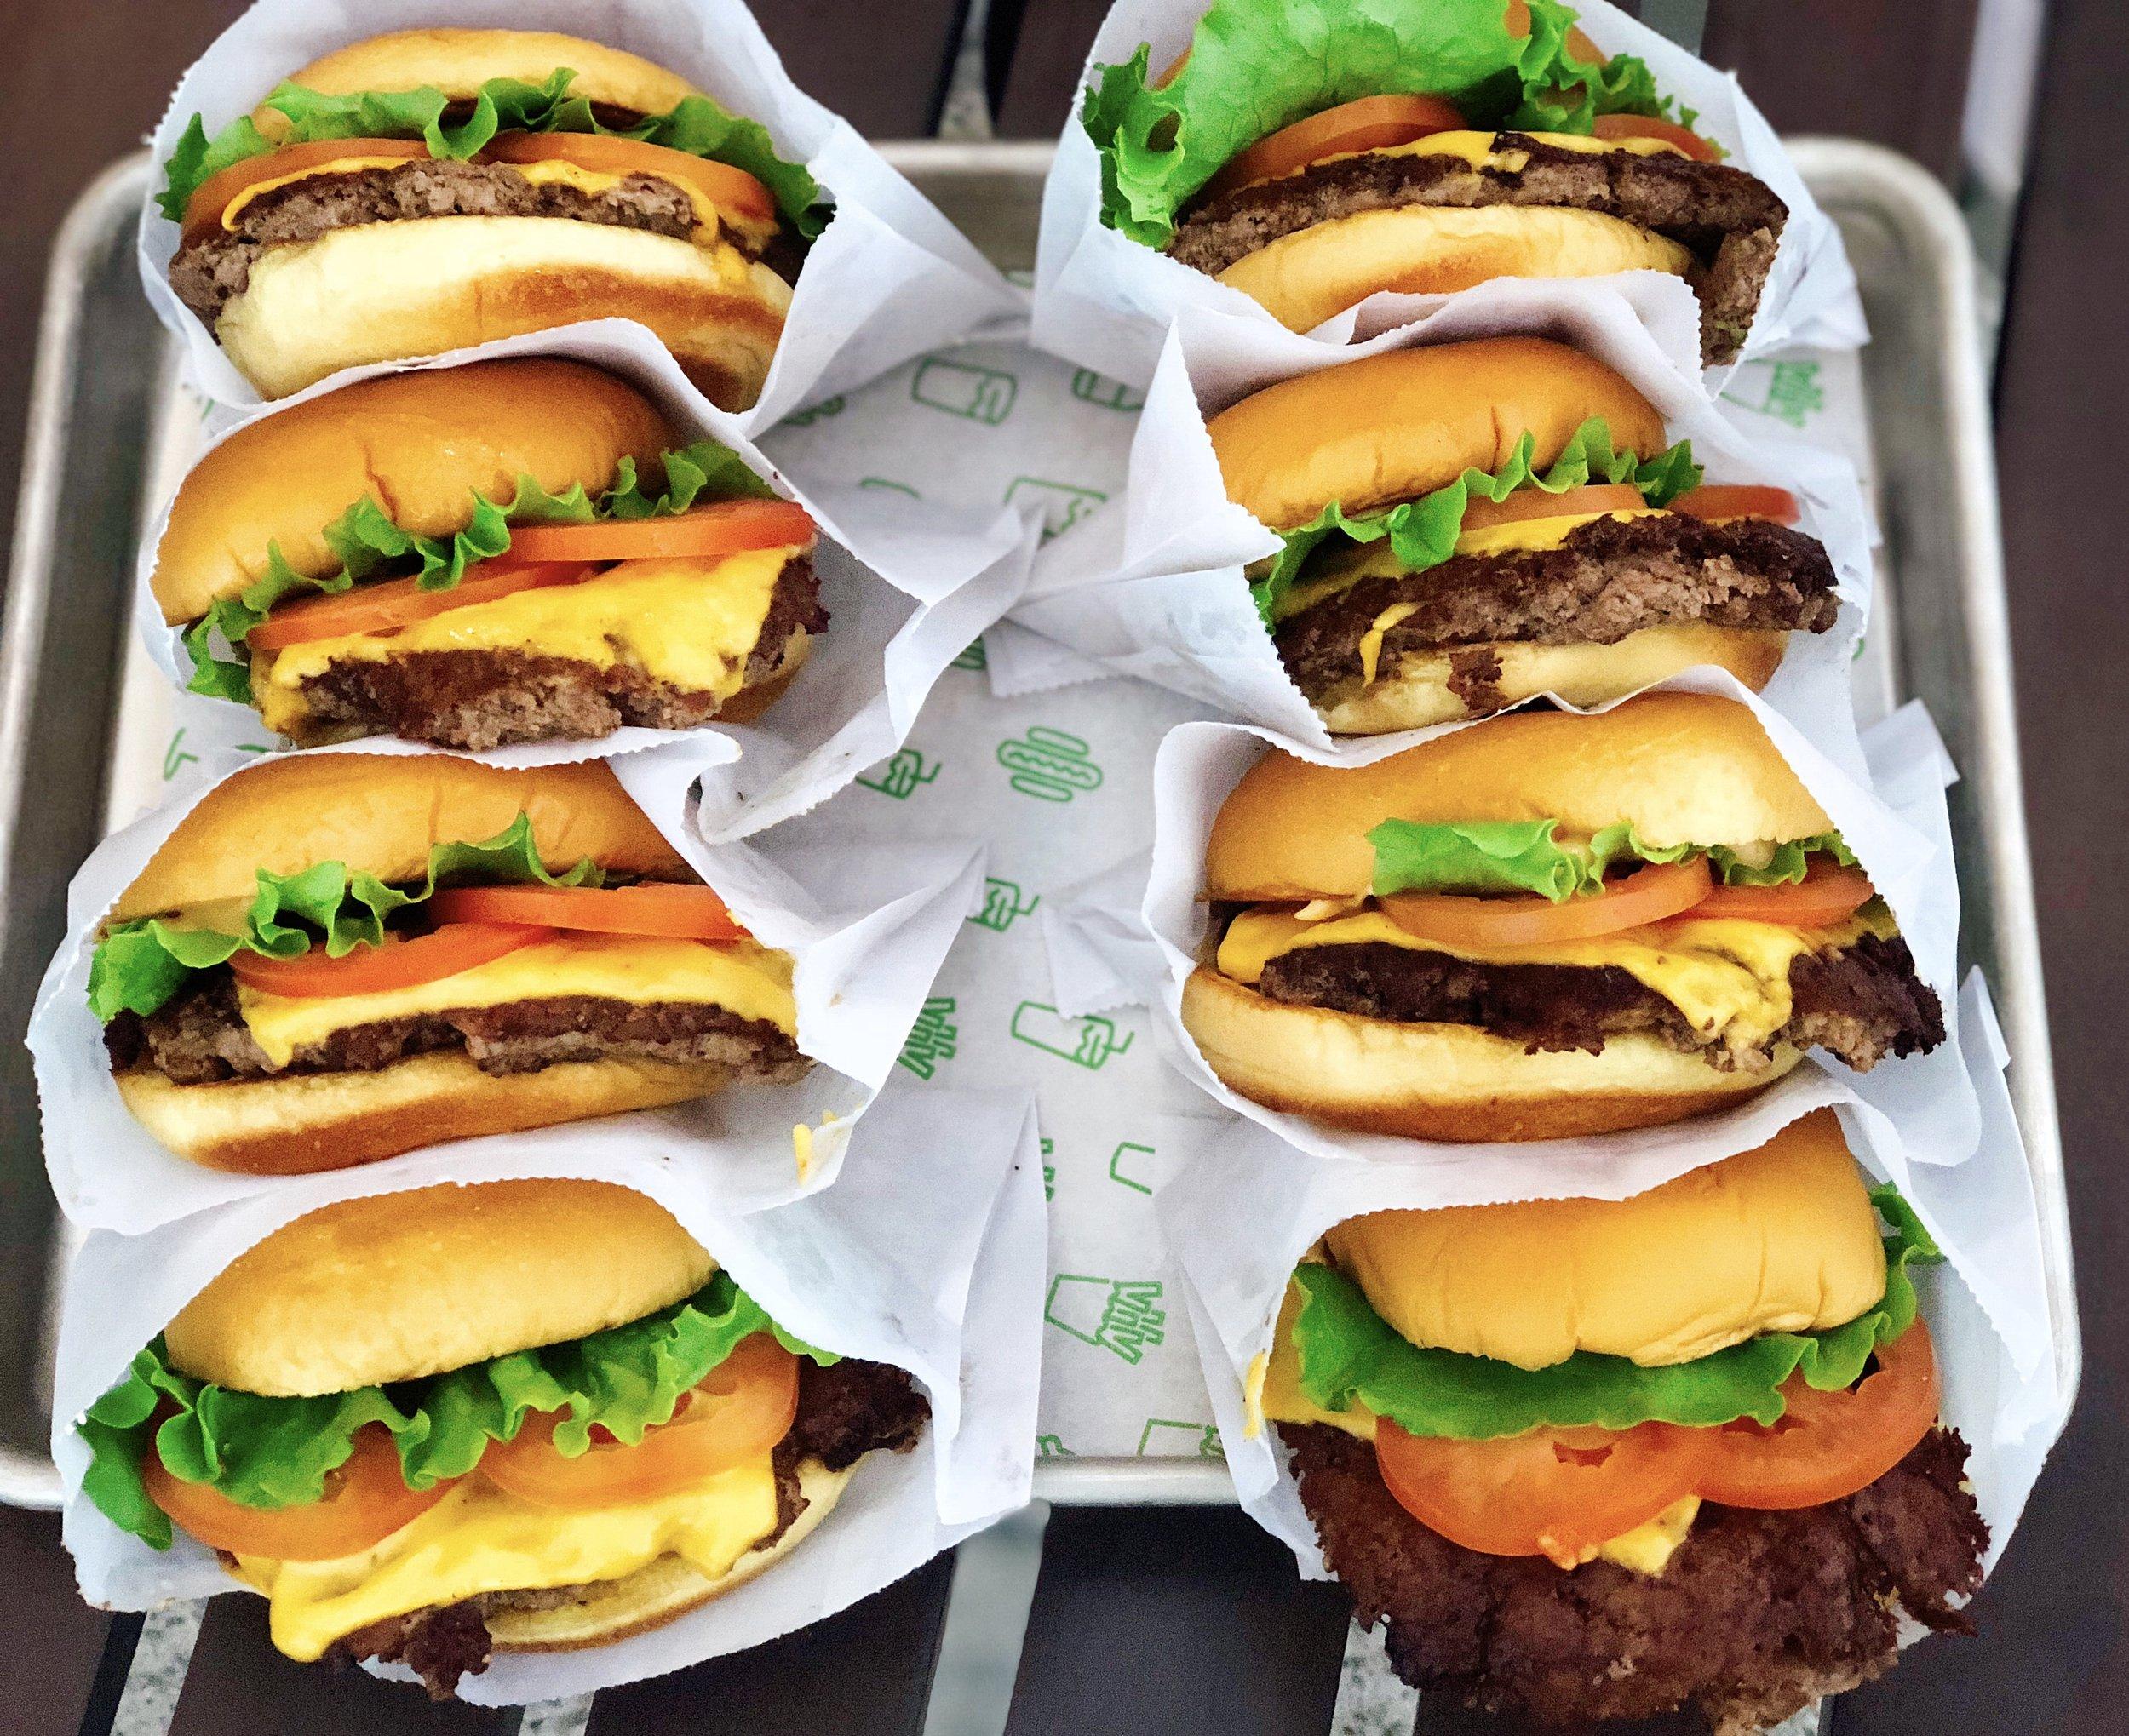 A Tray Of Shackburgers- Be Still My Heart